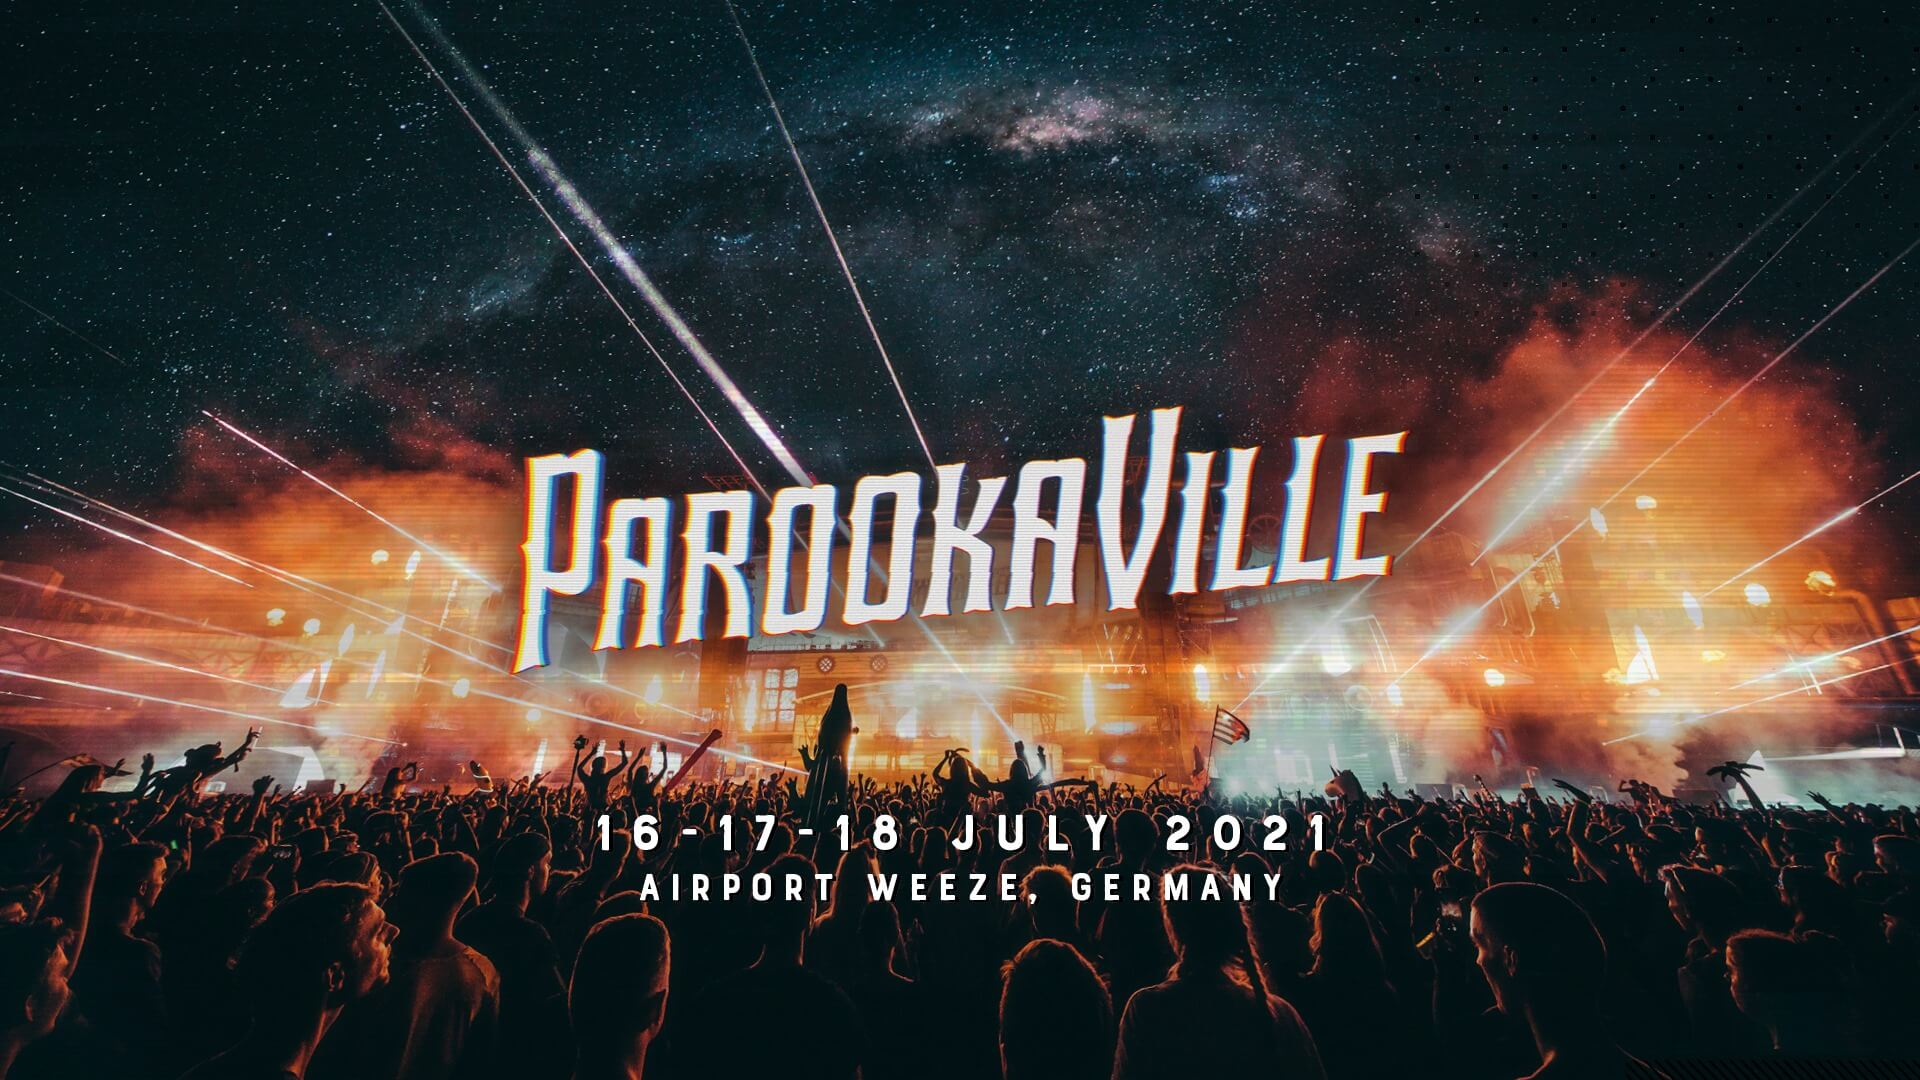 Parookaville2021